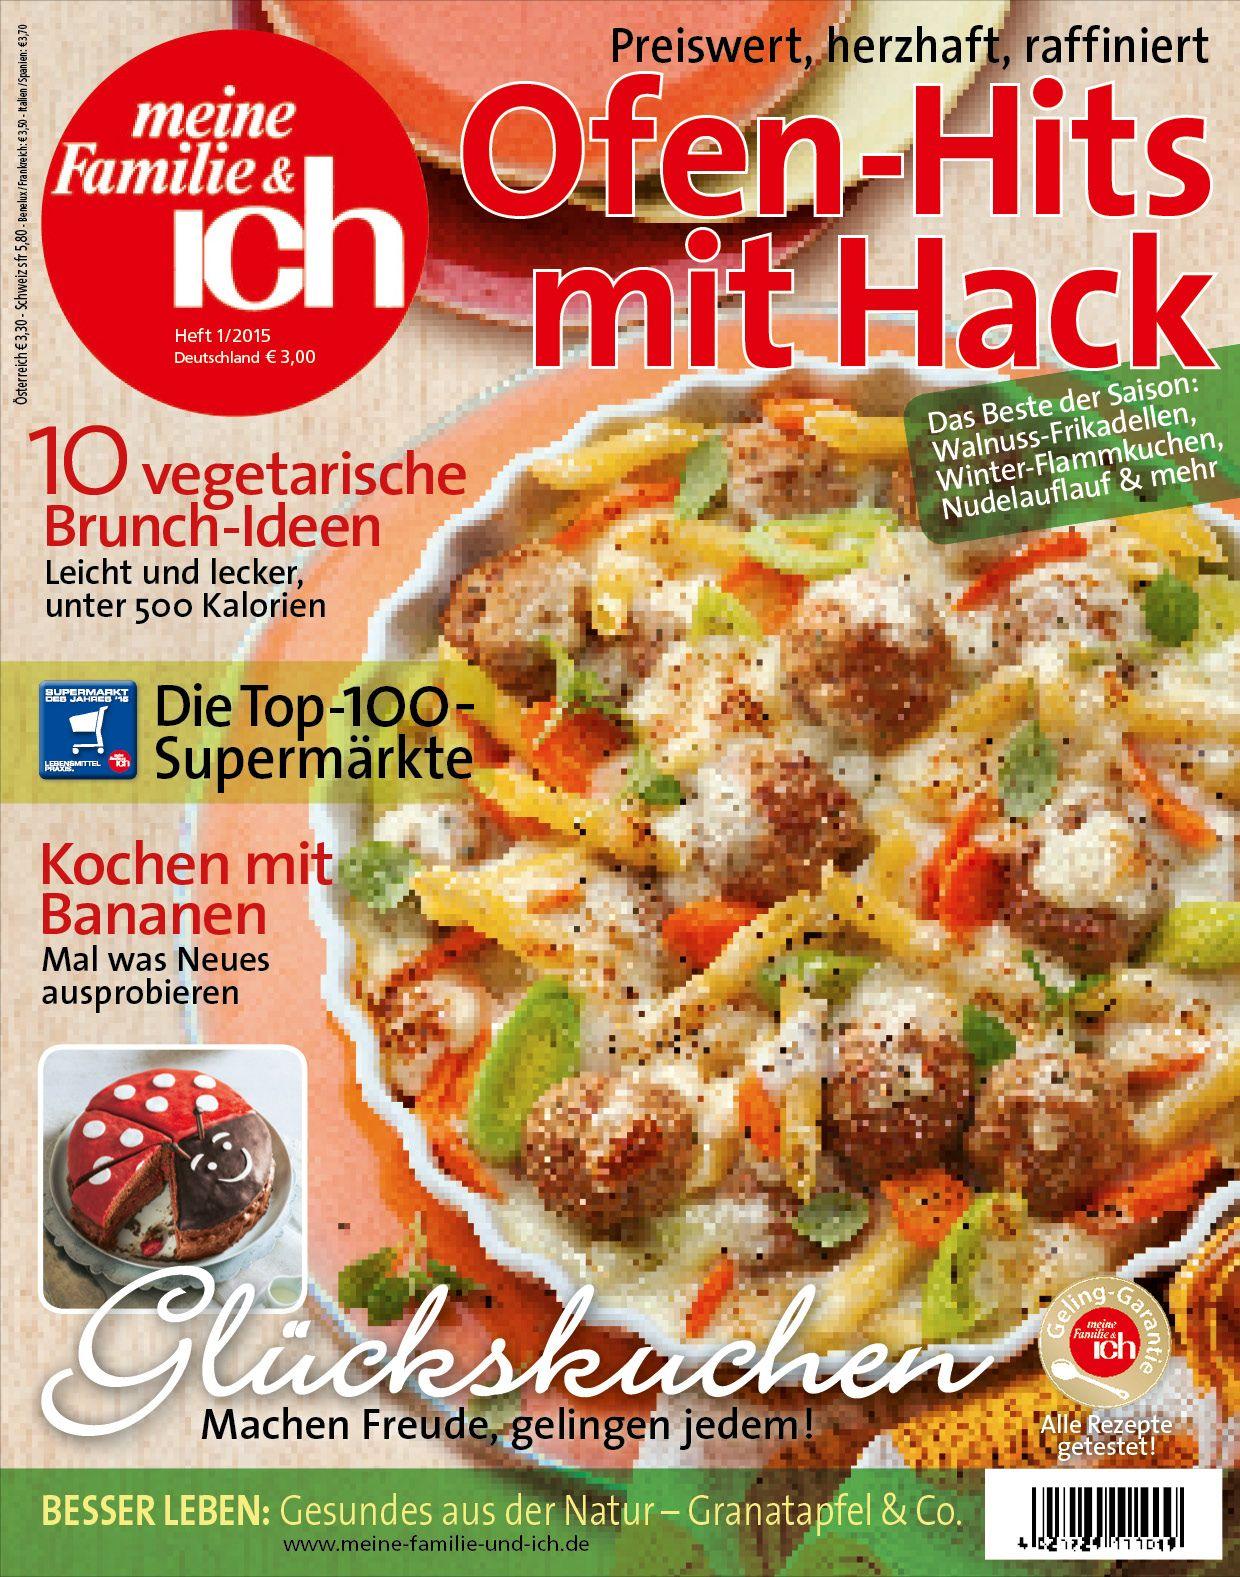 meine Familie & ich: 1/2015  Ofen-Hits mit Hack / 10 vegetarische Brunch-Ideen / Glückskuchen  burdafood.net/Eising Studio – Food Photo & Video, Martina Görlach  http://www.burda-foodshop.de/Einzelhefte/Einzel-meine-Familie-ich/